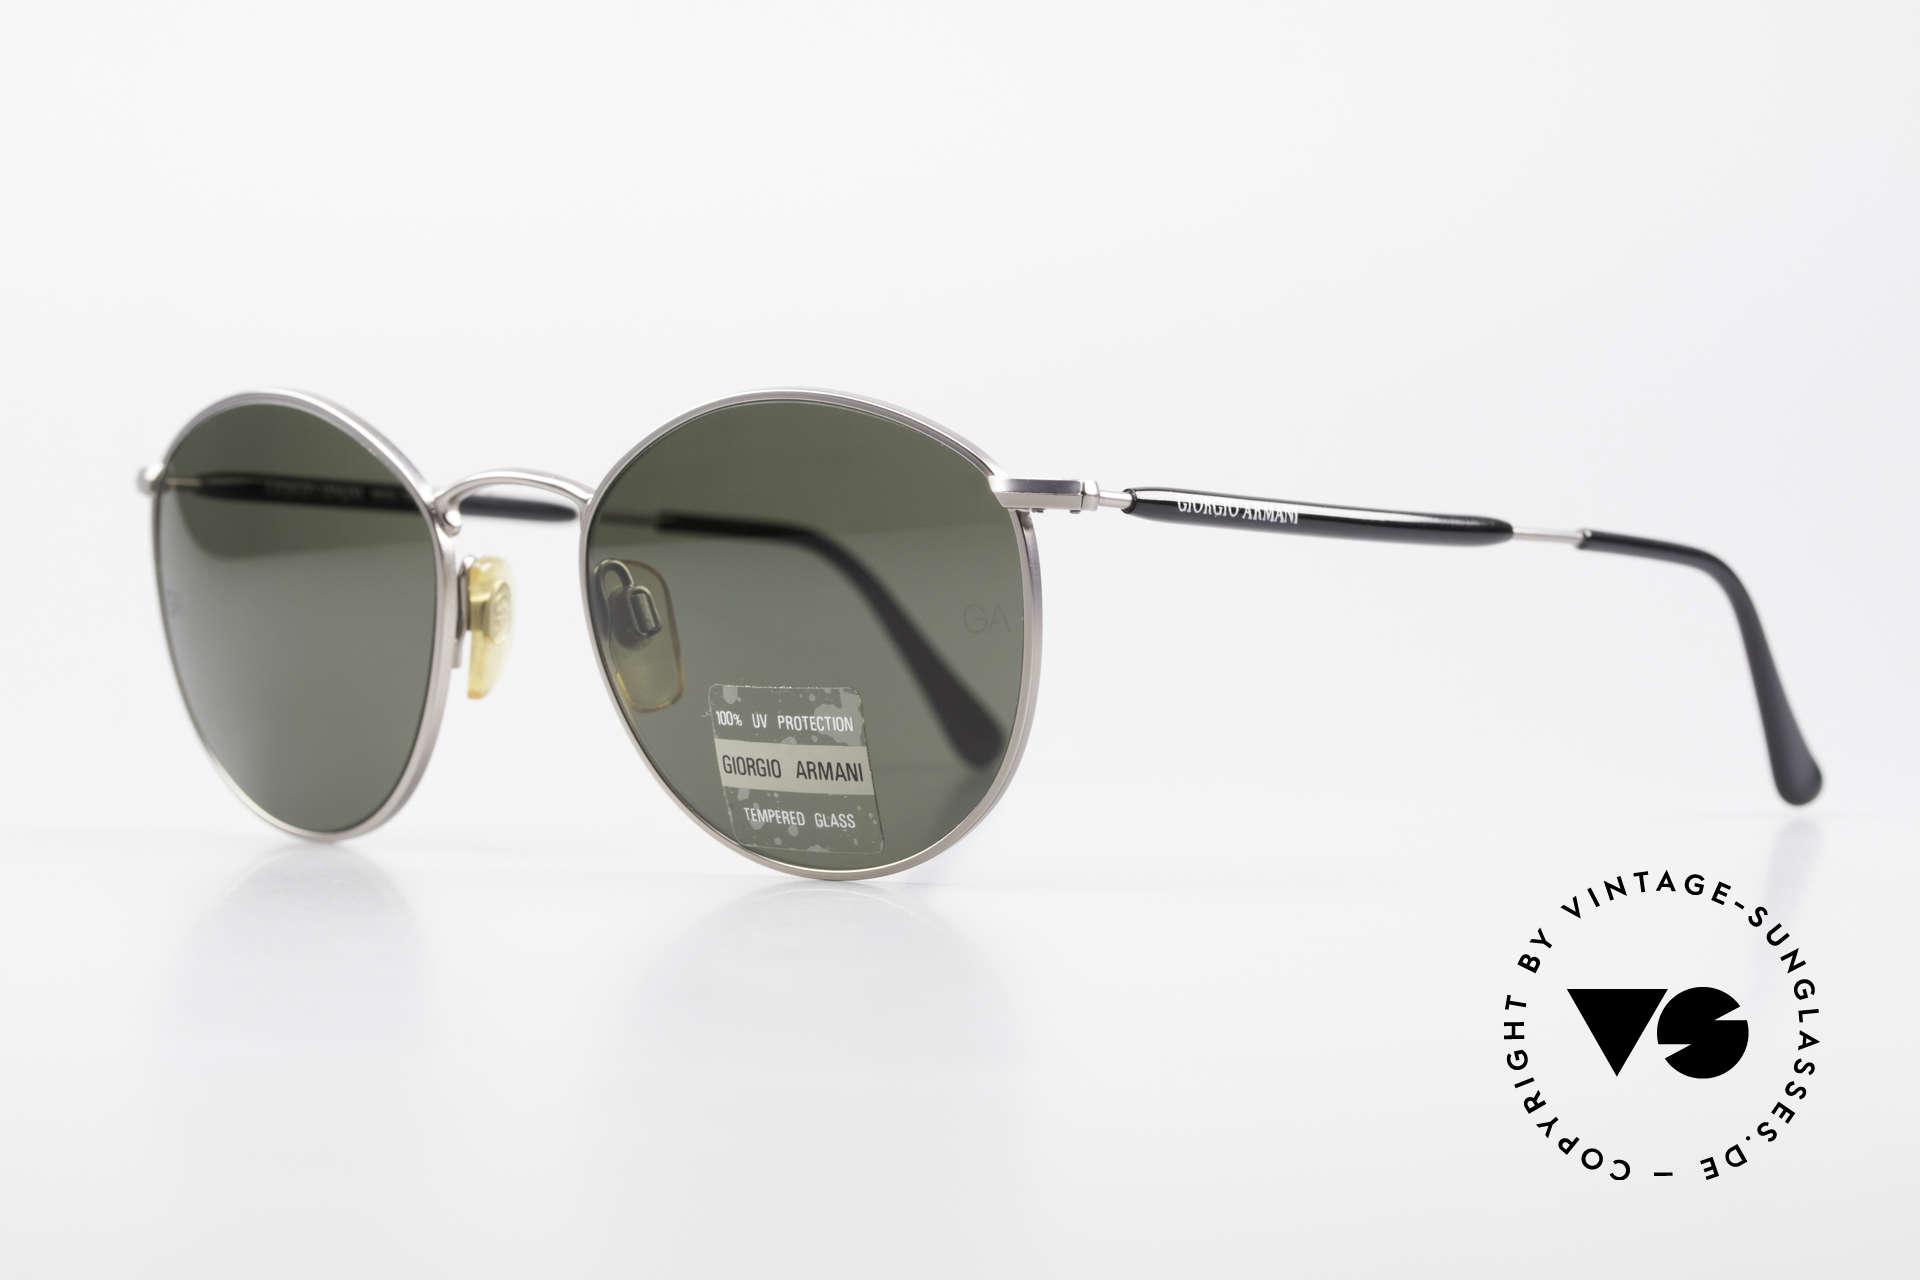 Giorgio Armani 627 Vintage Panto Sonnenbrille, TOP-Qualität und zeitlose Lackierung in gunmetal, Passend für Herren und Damen